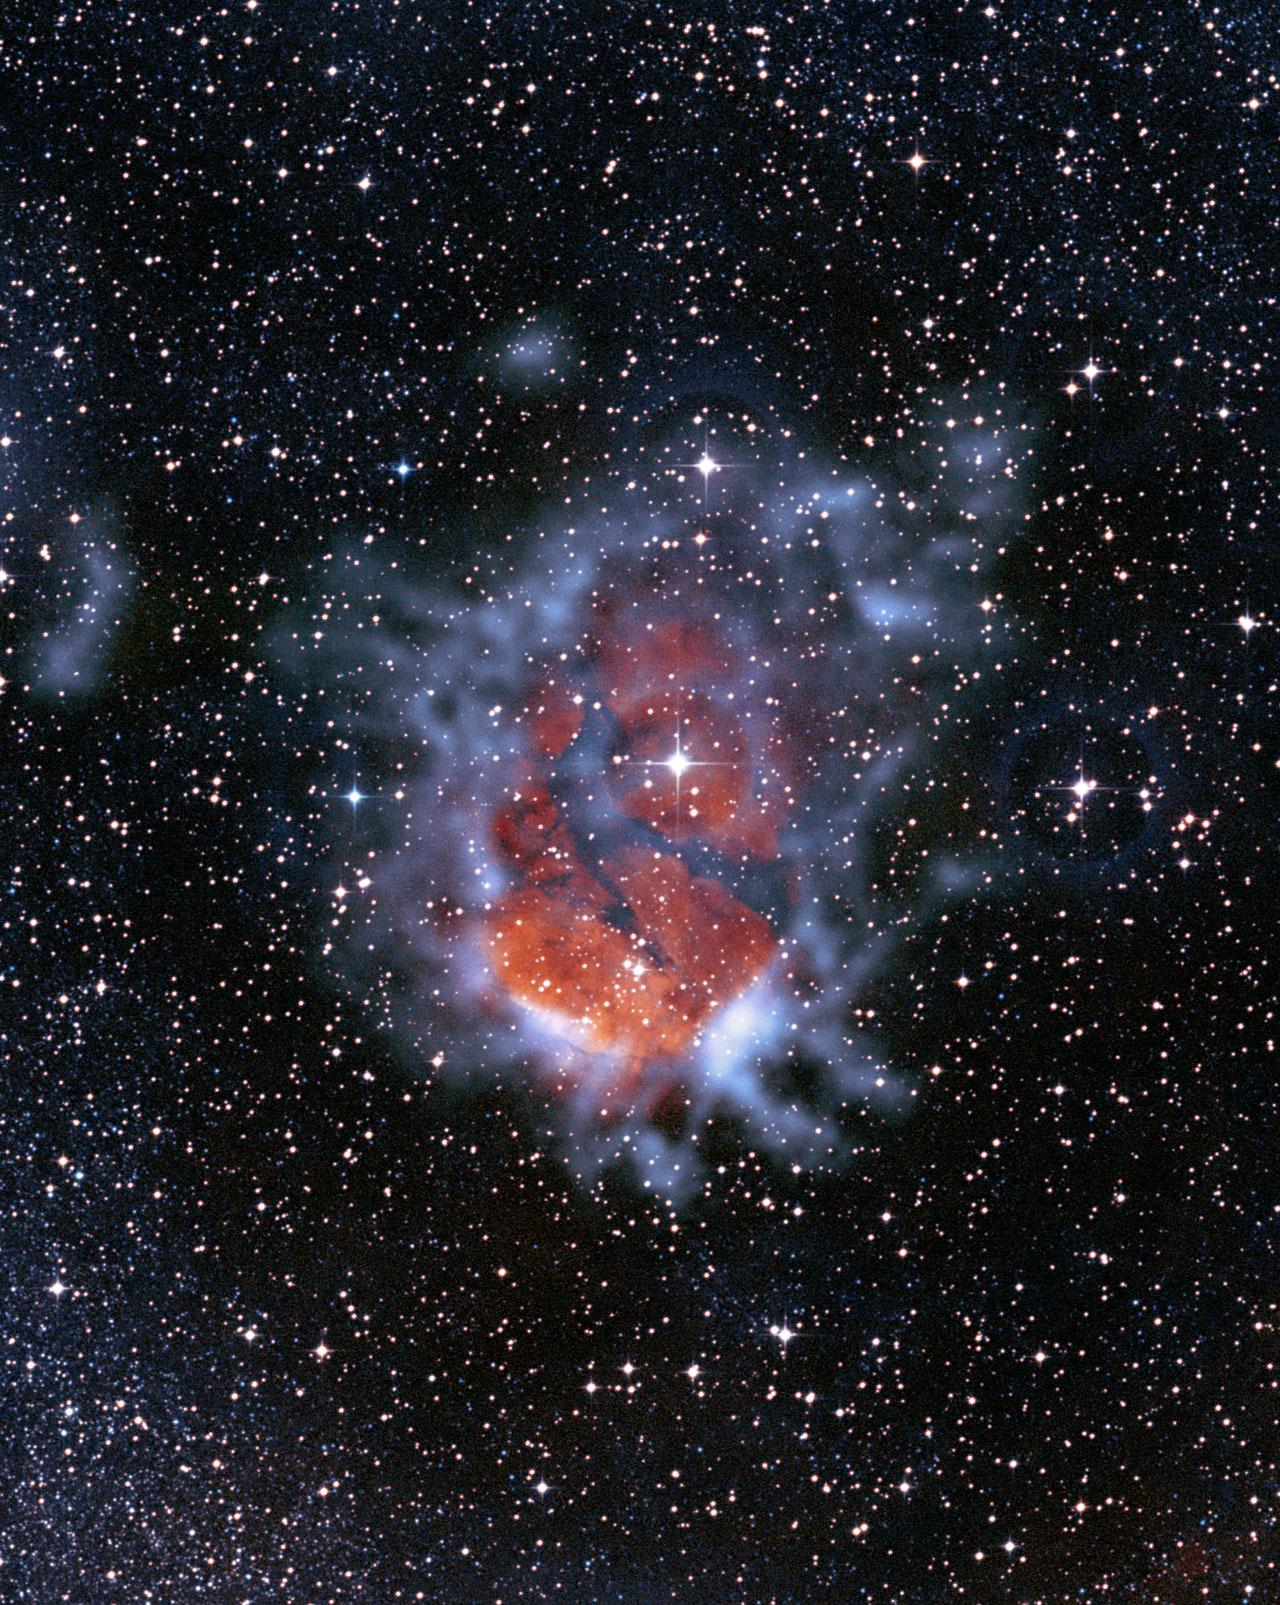 Mounted image 026: Glowing stellar nurseries